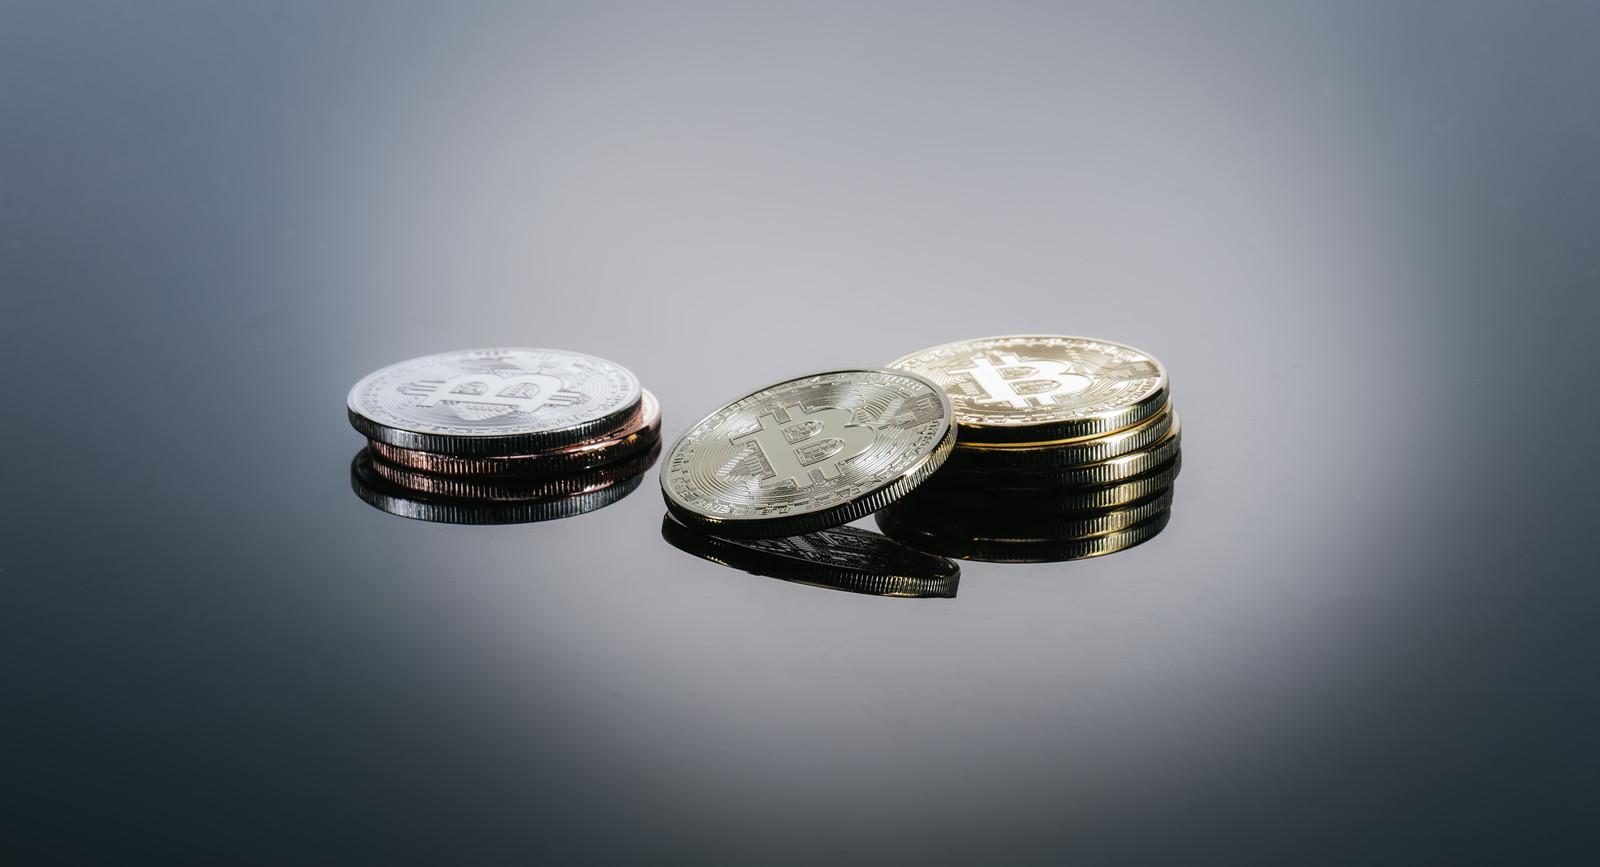 アムウェイを始めると借金まみれ、借金地獄に落ちるのはなぜ!?借金してしまう理由と真実を解説!